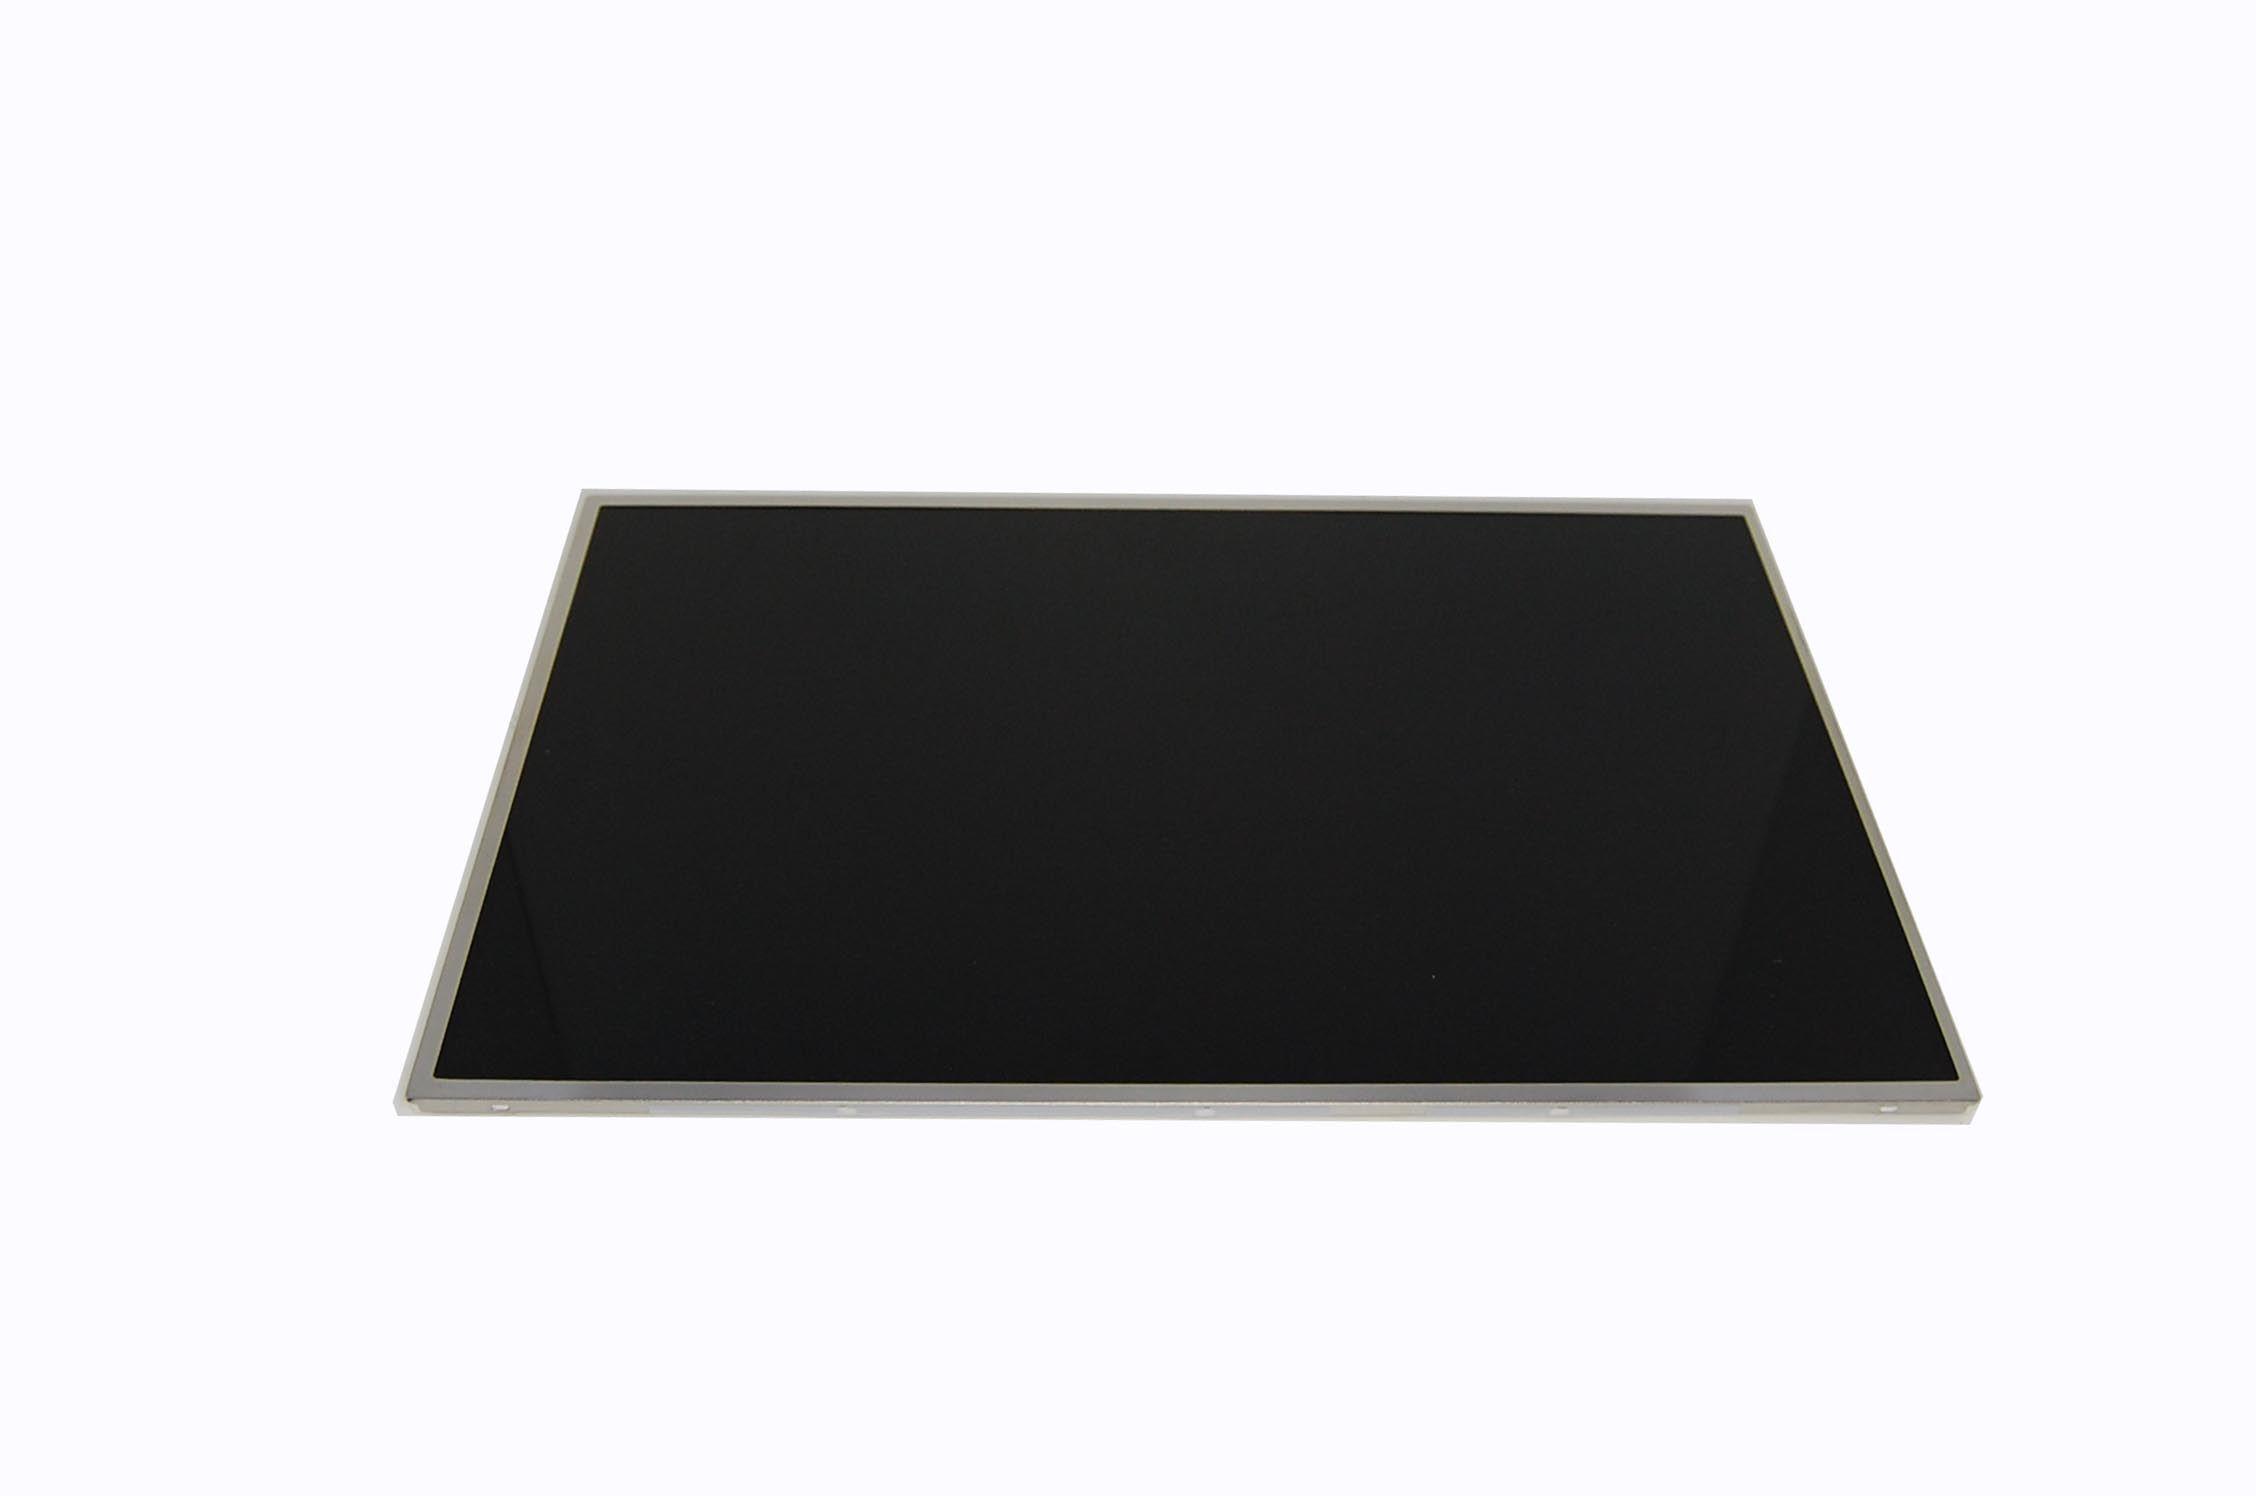 """LG LP154WX7 (TL) (B1) Display LCD 15,4"""" 1280x800 LED glänzend"""